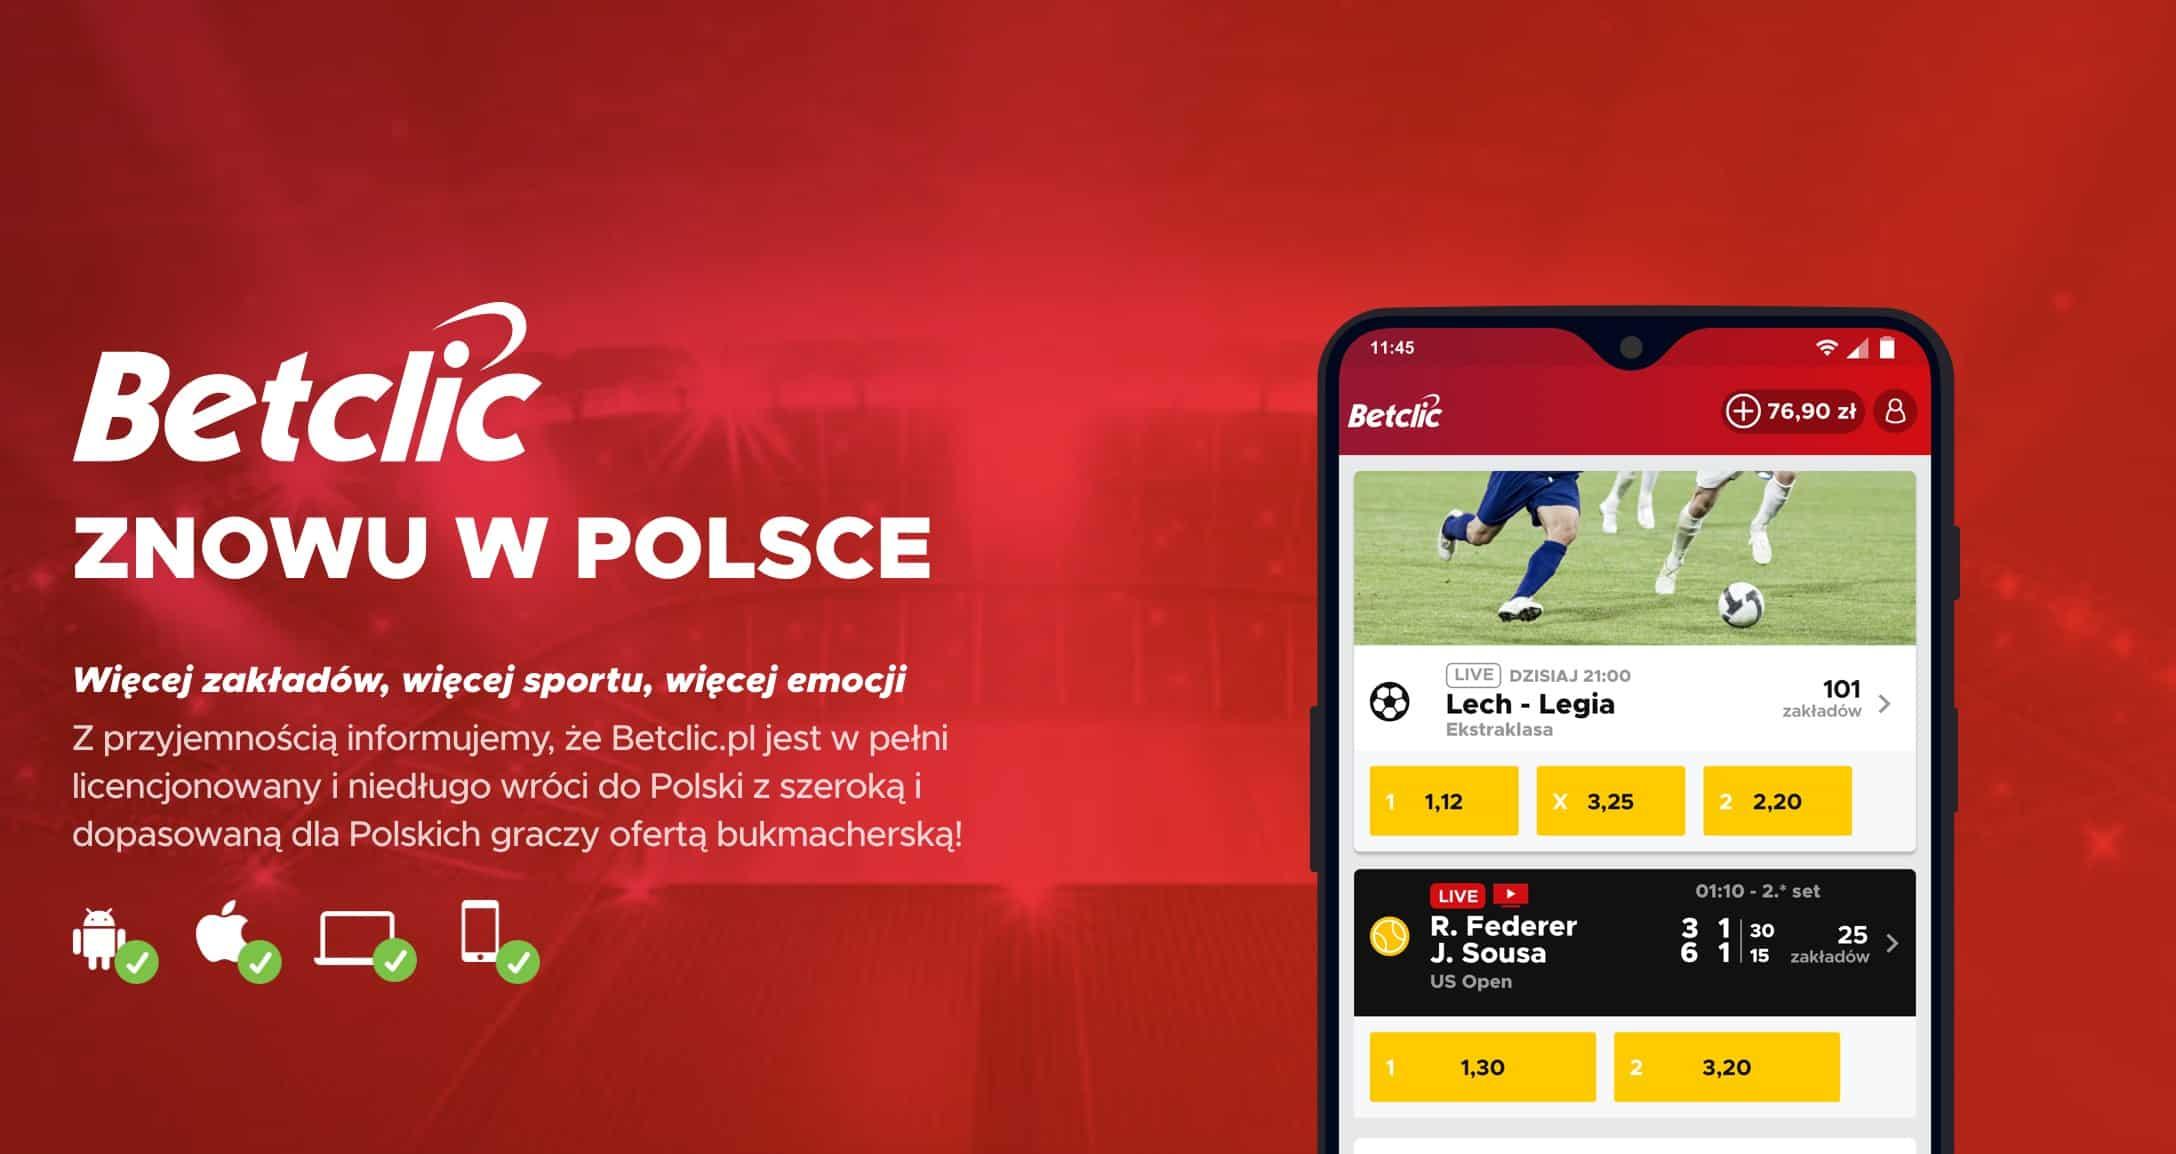 BetClic.pl - strona internetowa, aplikacja mobilna 2019